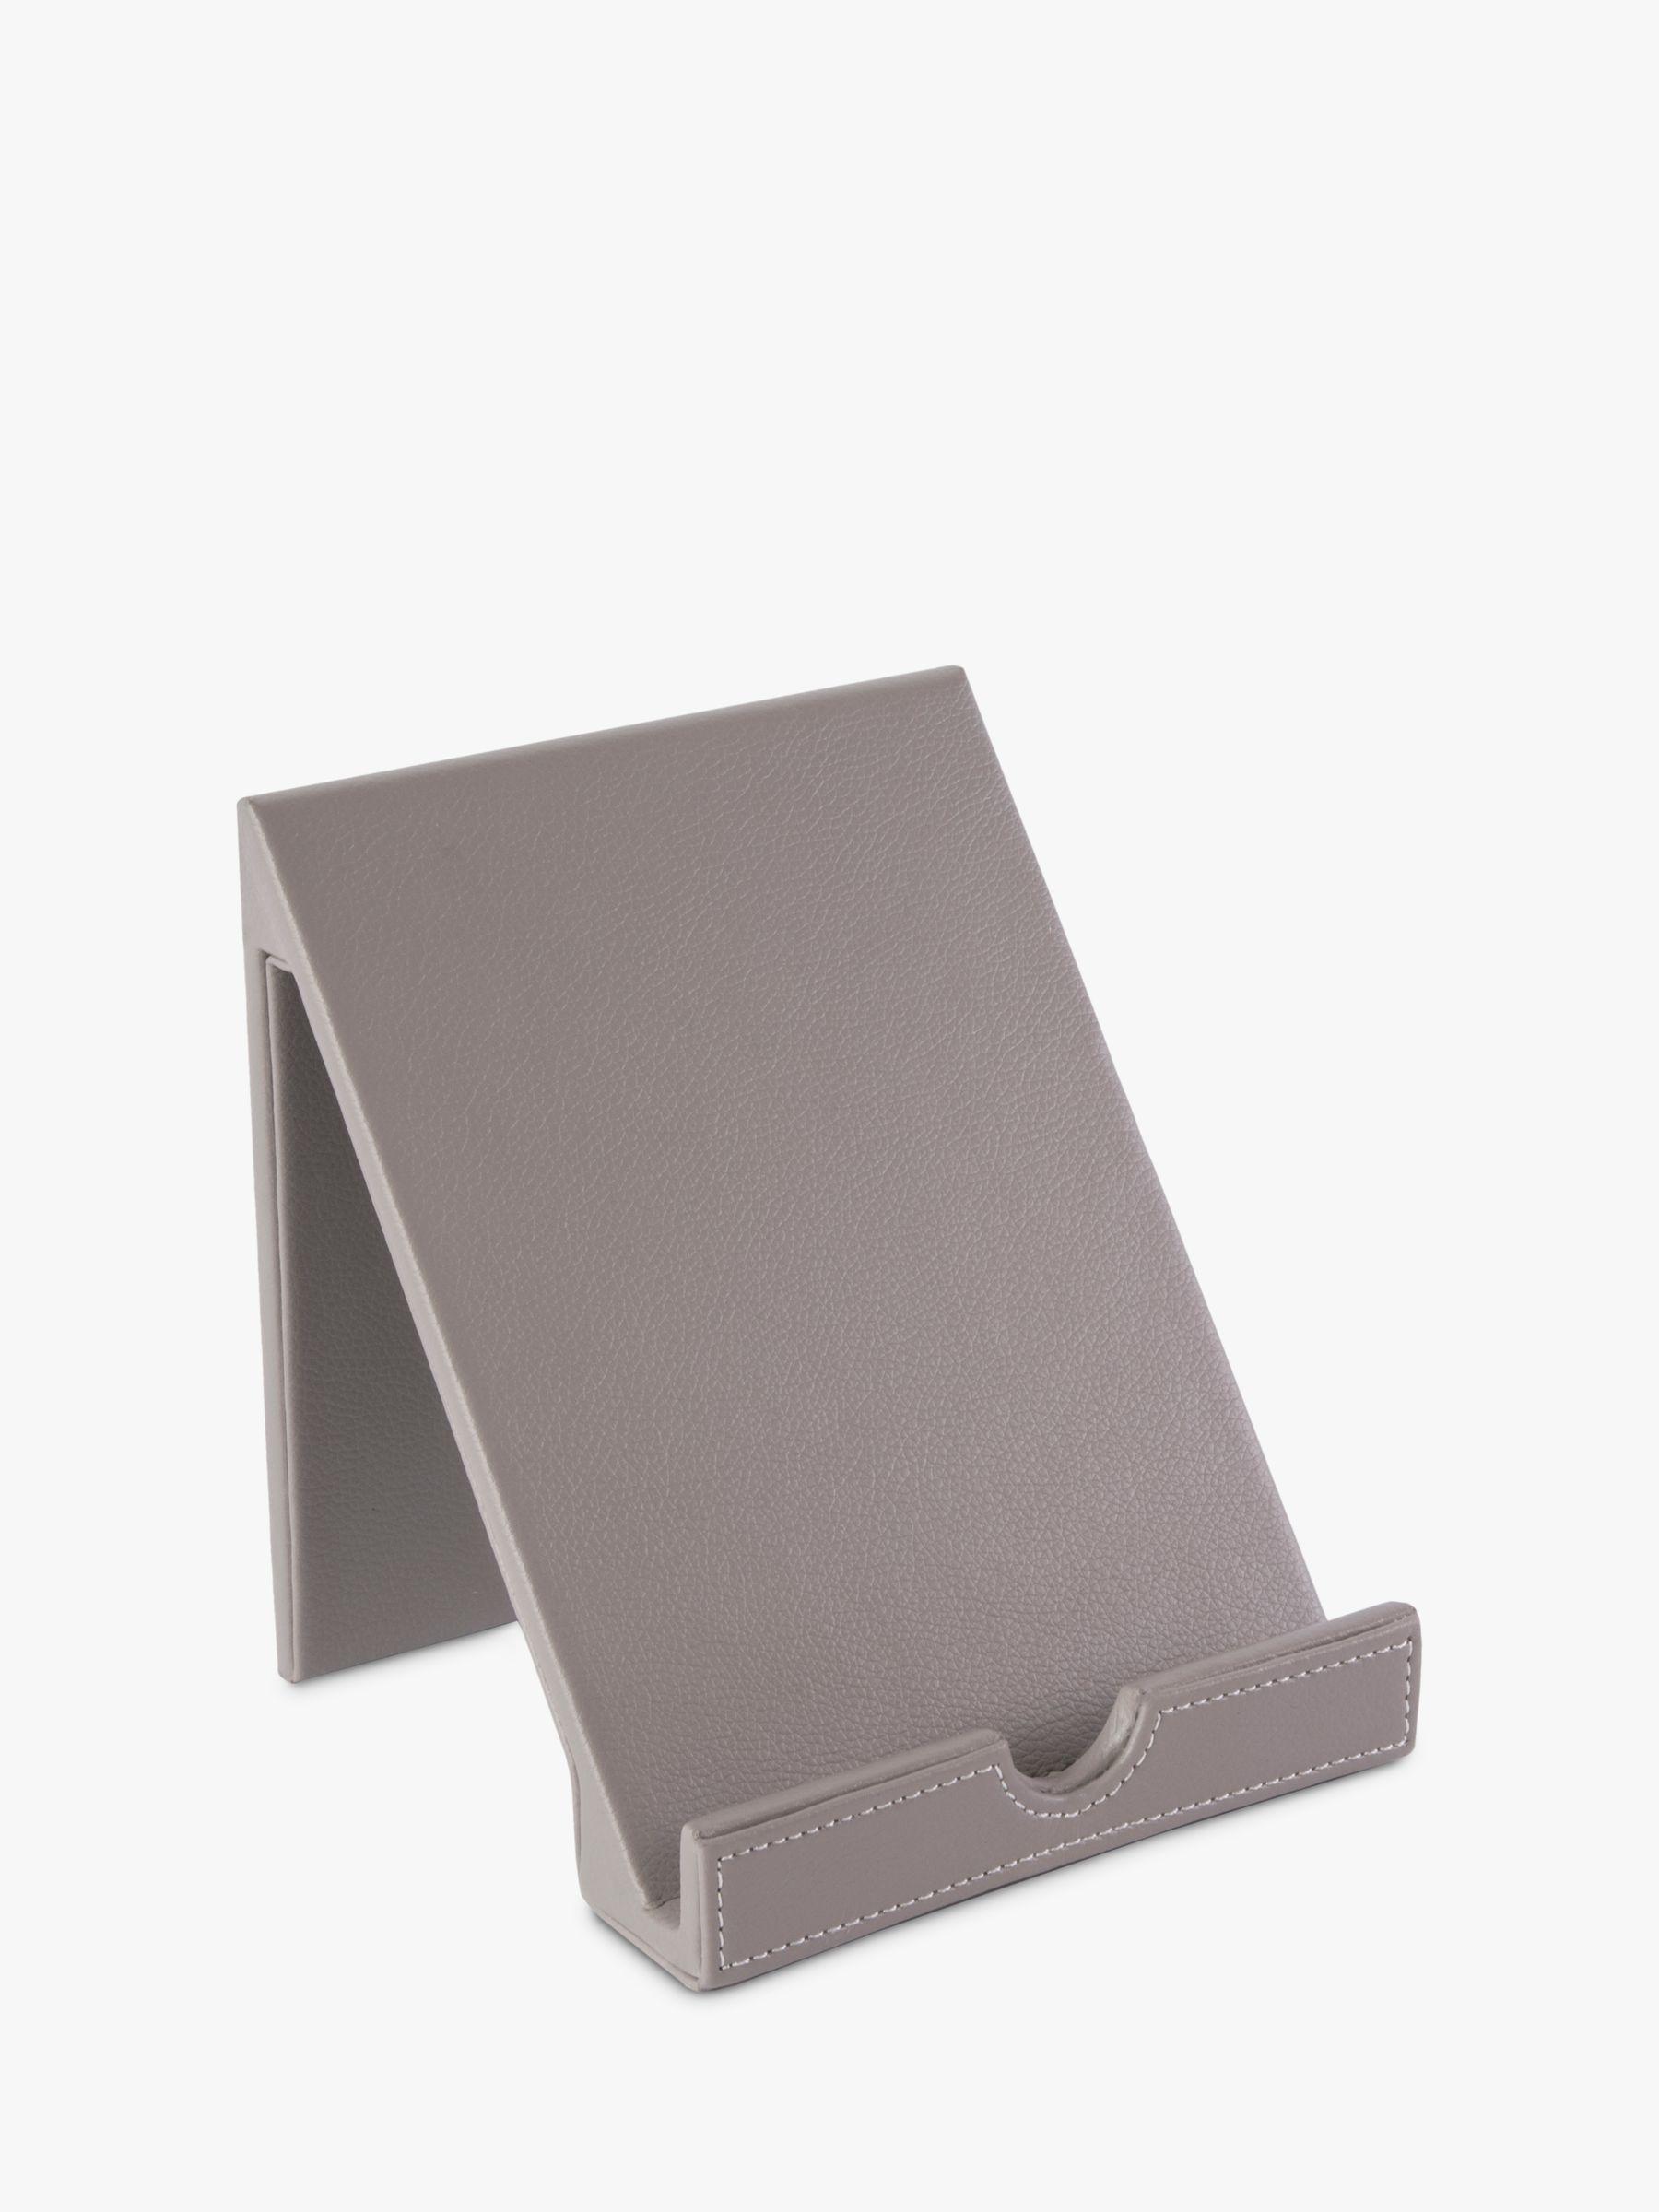 Osco Osco Faux Leather Tablet Holder